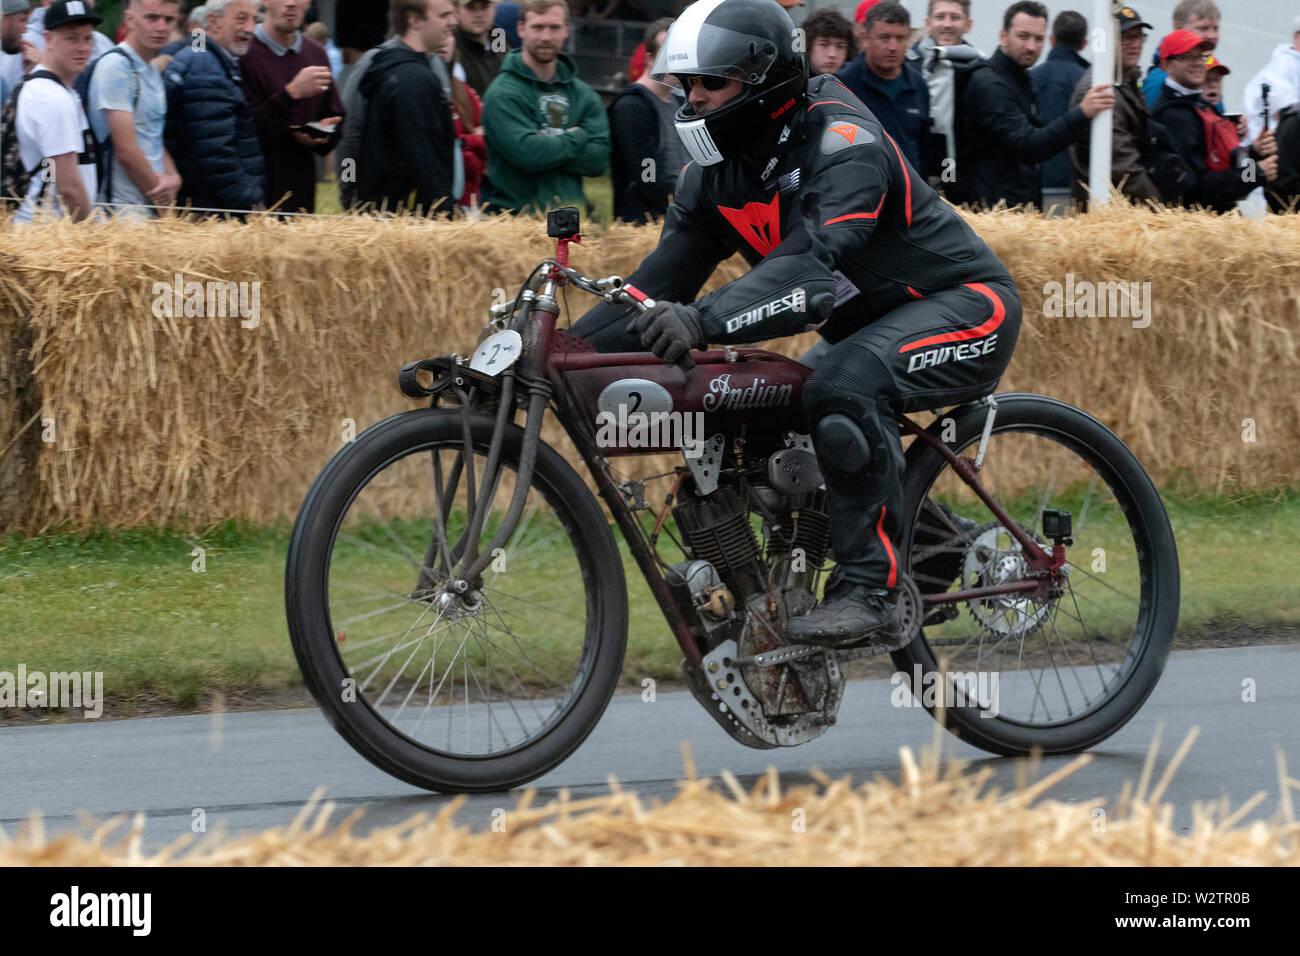 Goodwood Festival of Speed 2019 du Grand Prix d'avant-guerre tosome machines spéciales très anciens combattants y compris motos mis à l'épreuve sur la 1.16 Banque D'Images